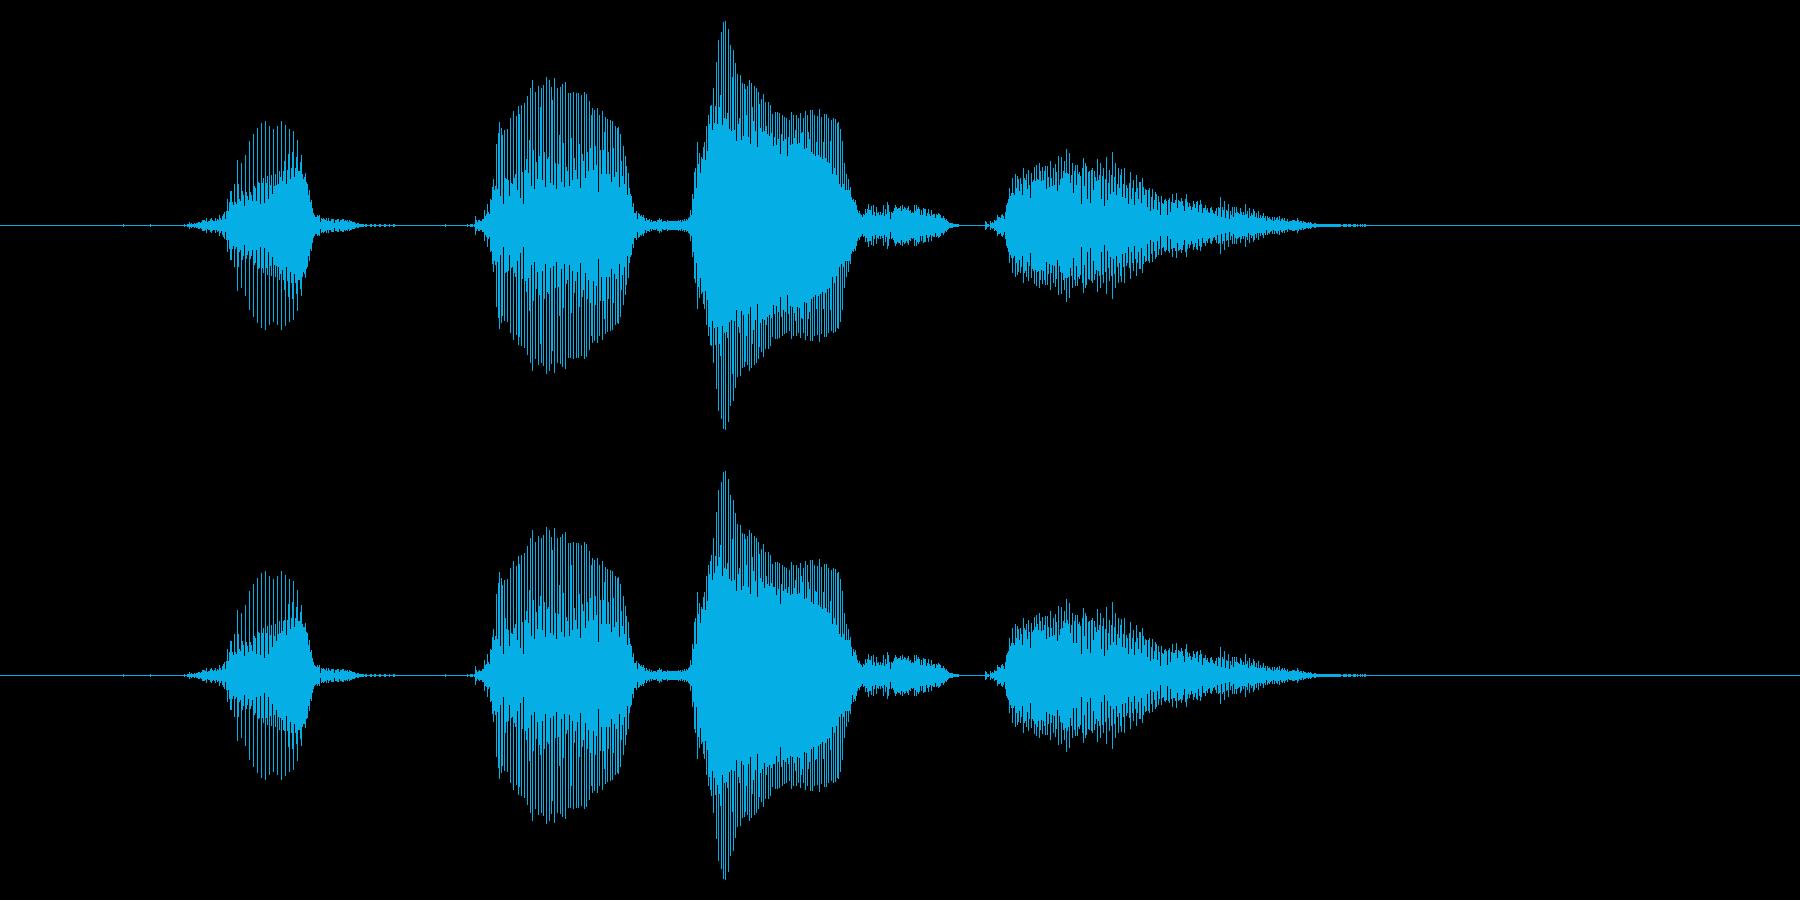 【行事・イベント・挨拶】はっぴーばーす…の再生済みの波形